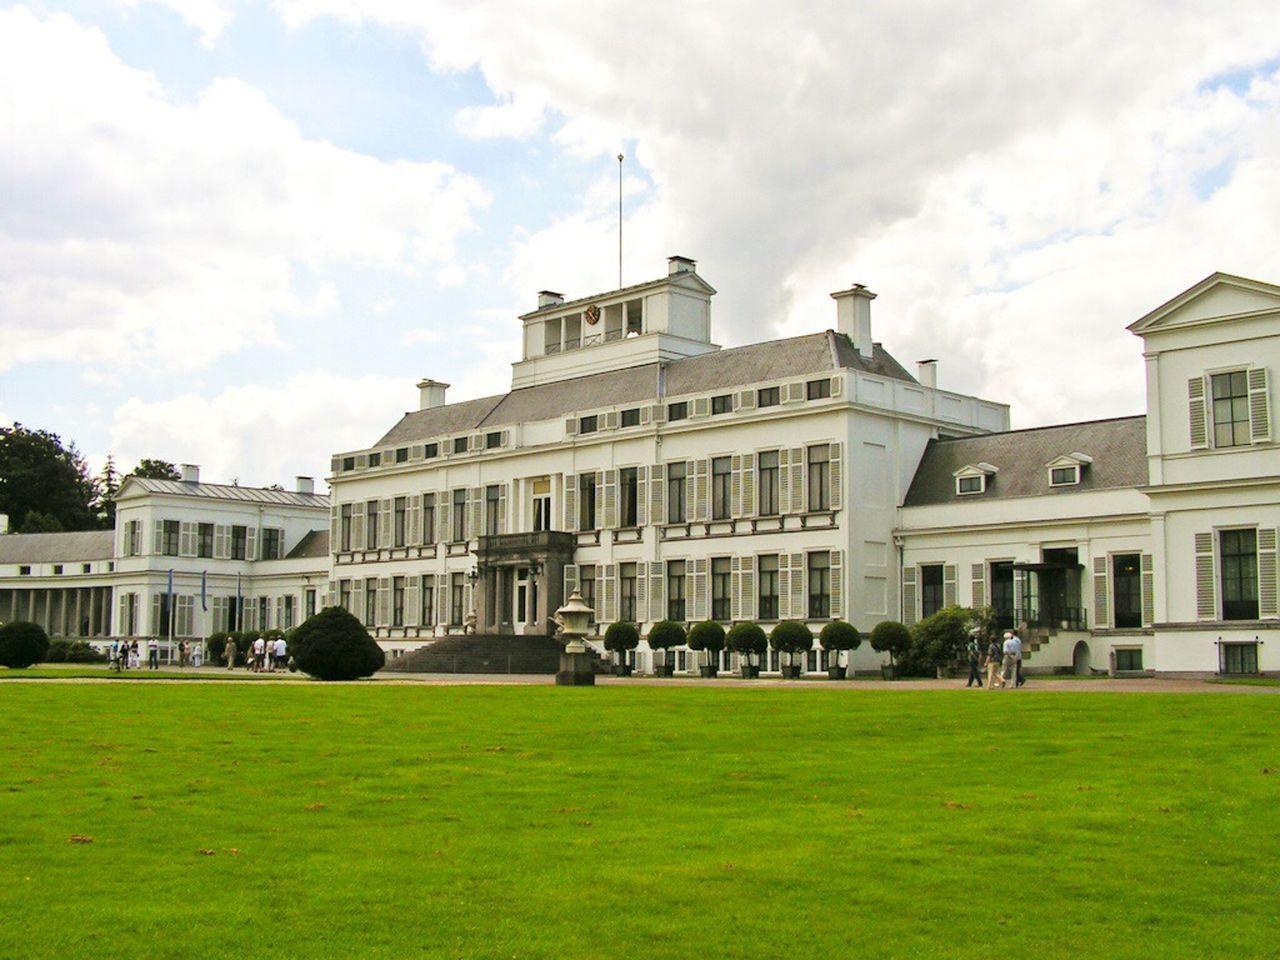 Nederland Nederlands Kingpalace